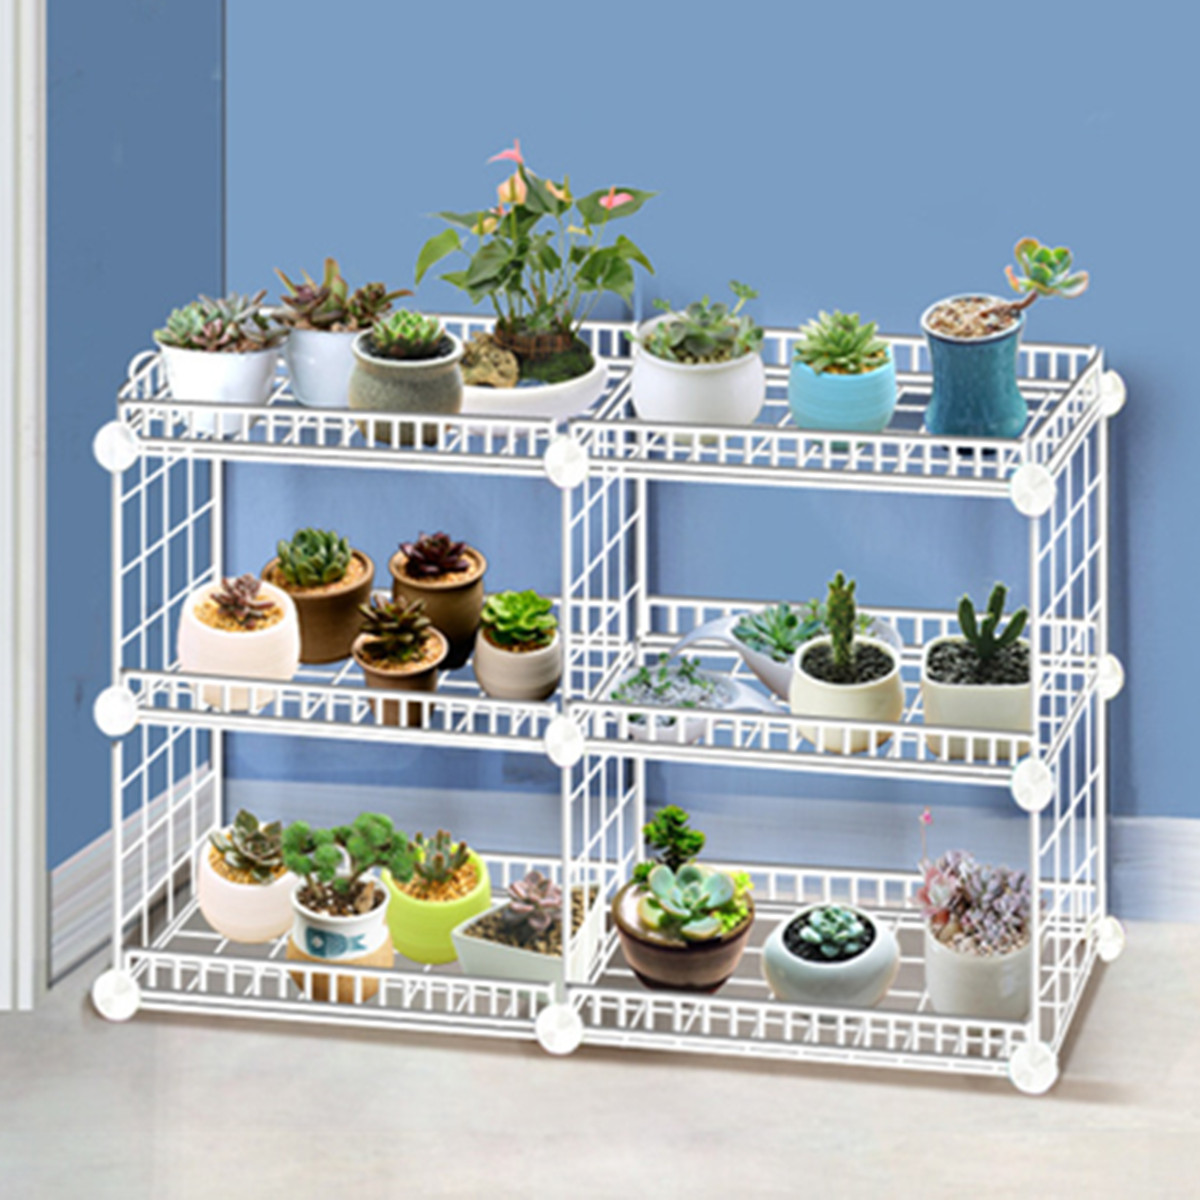 Ev ferforje çok katmanlı bitki standı dört tarafı çit askısı balkon kapalı bahçe saksı raf ayrılabilir